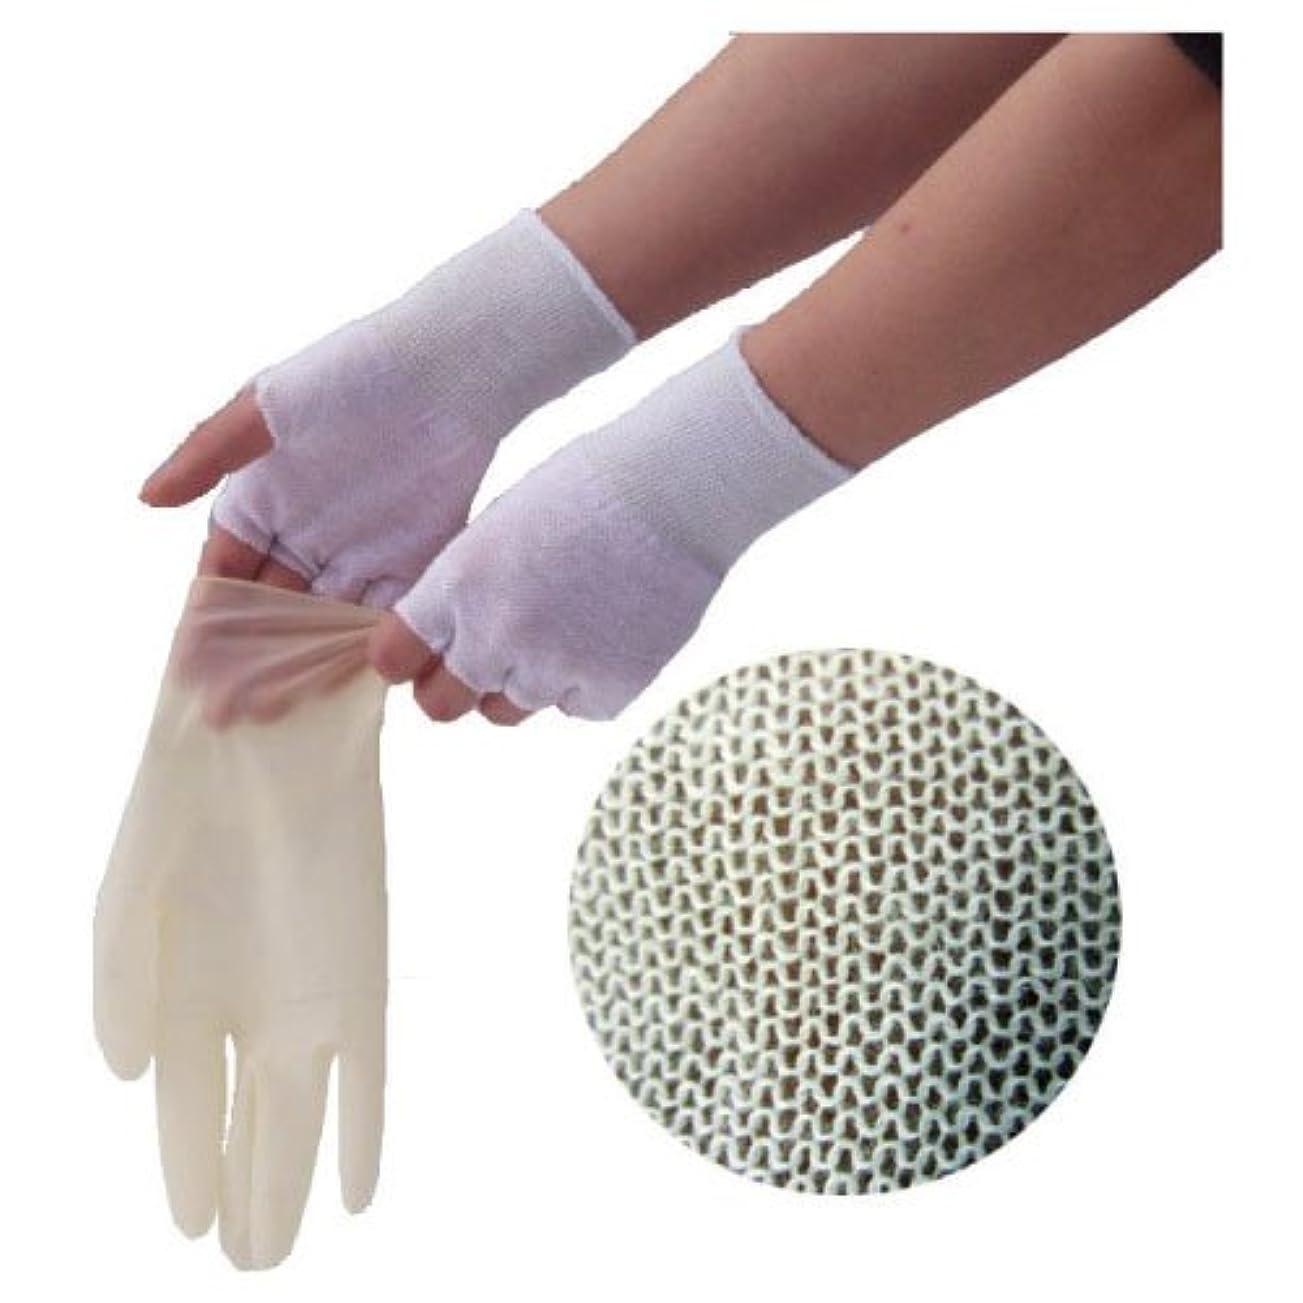 もちろん補助言い直すやさしインナー手袋(指なし) GI02 フリー 材質:ナイロン